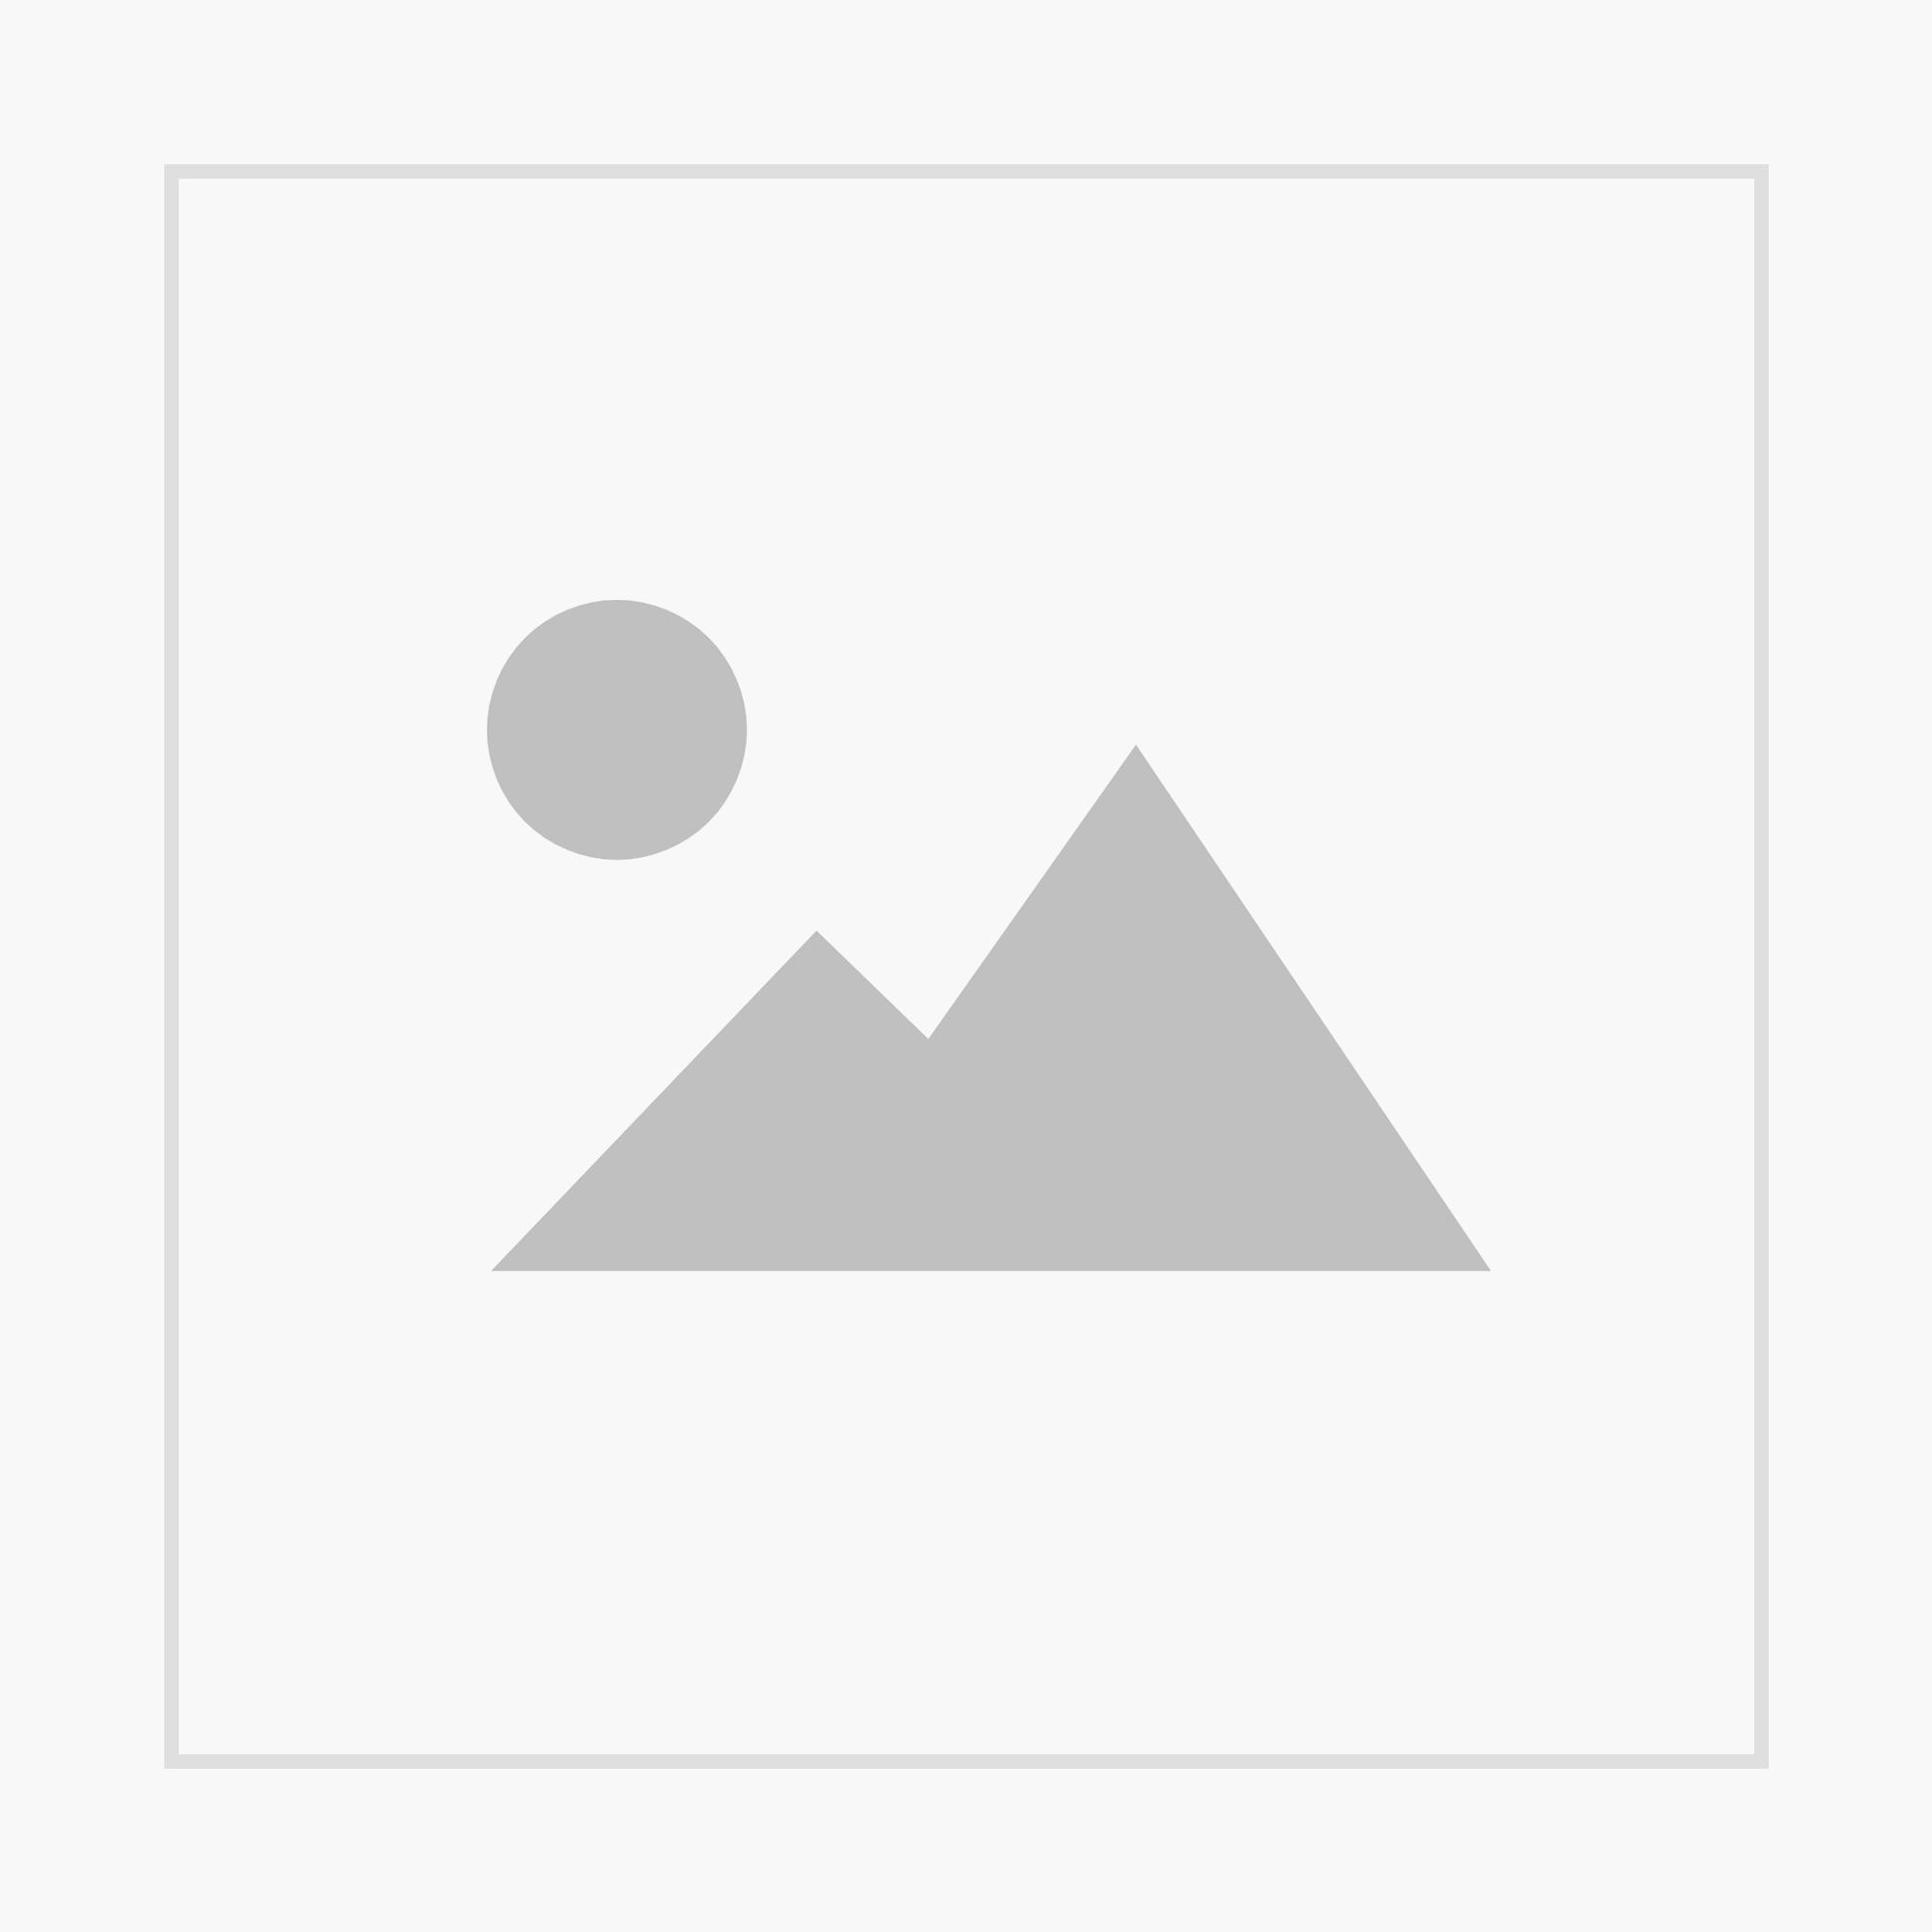 ALÖ Heft 50: Konzept für ein naturschutzorientiertes Tierartenmonitoring - am Beispiel der Vogelfauna